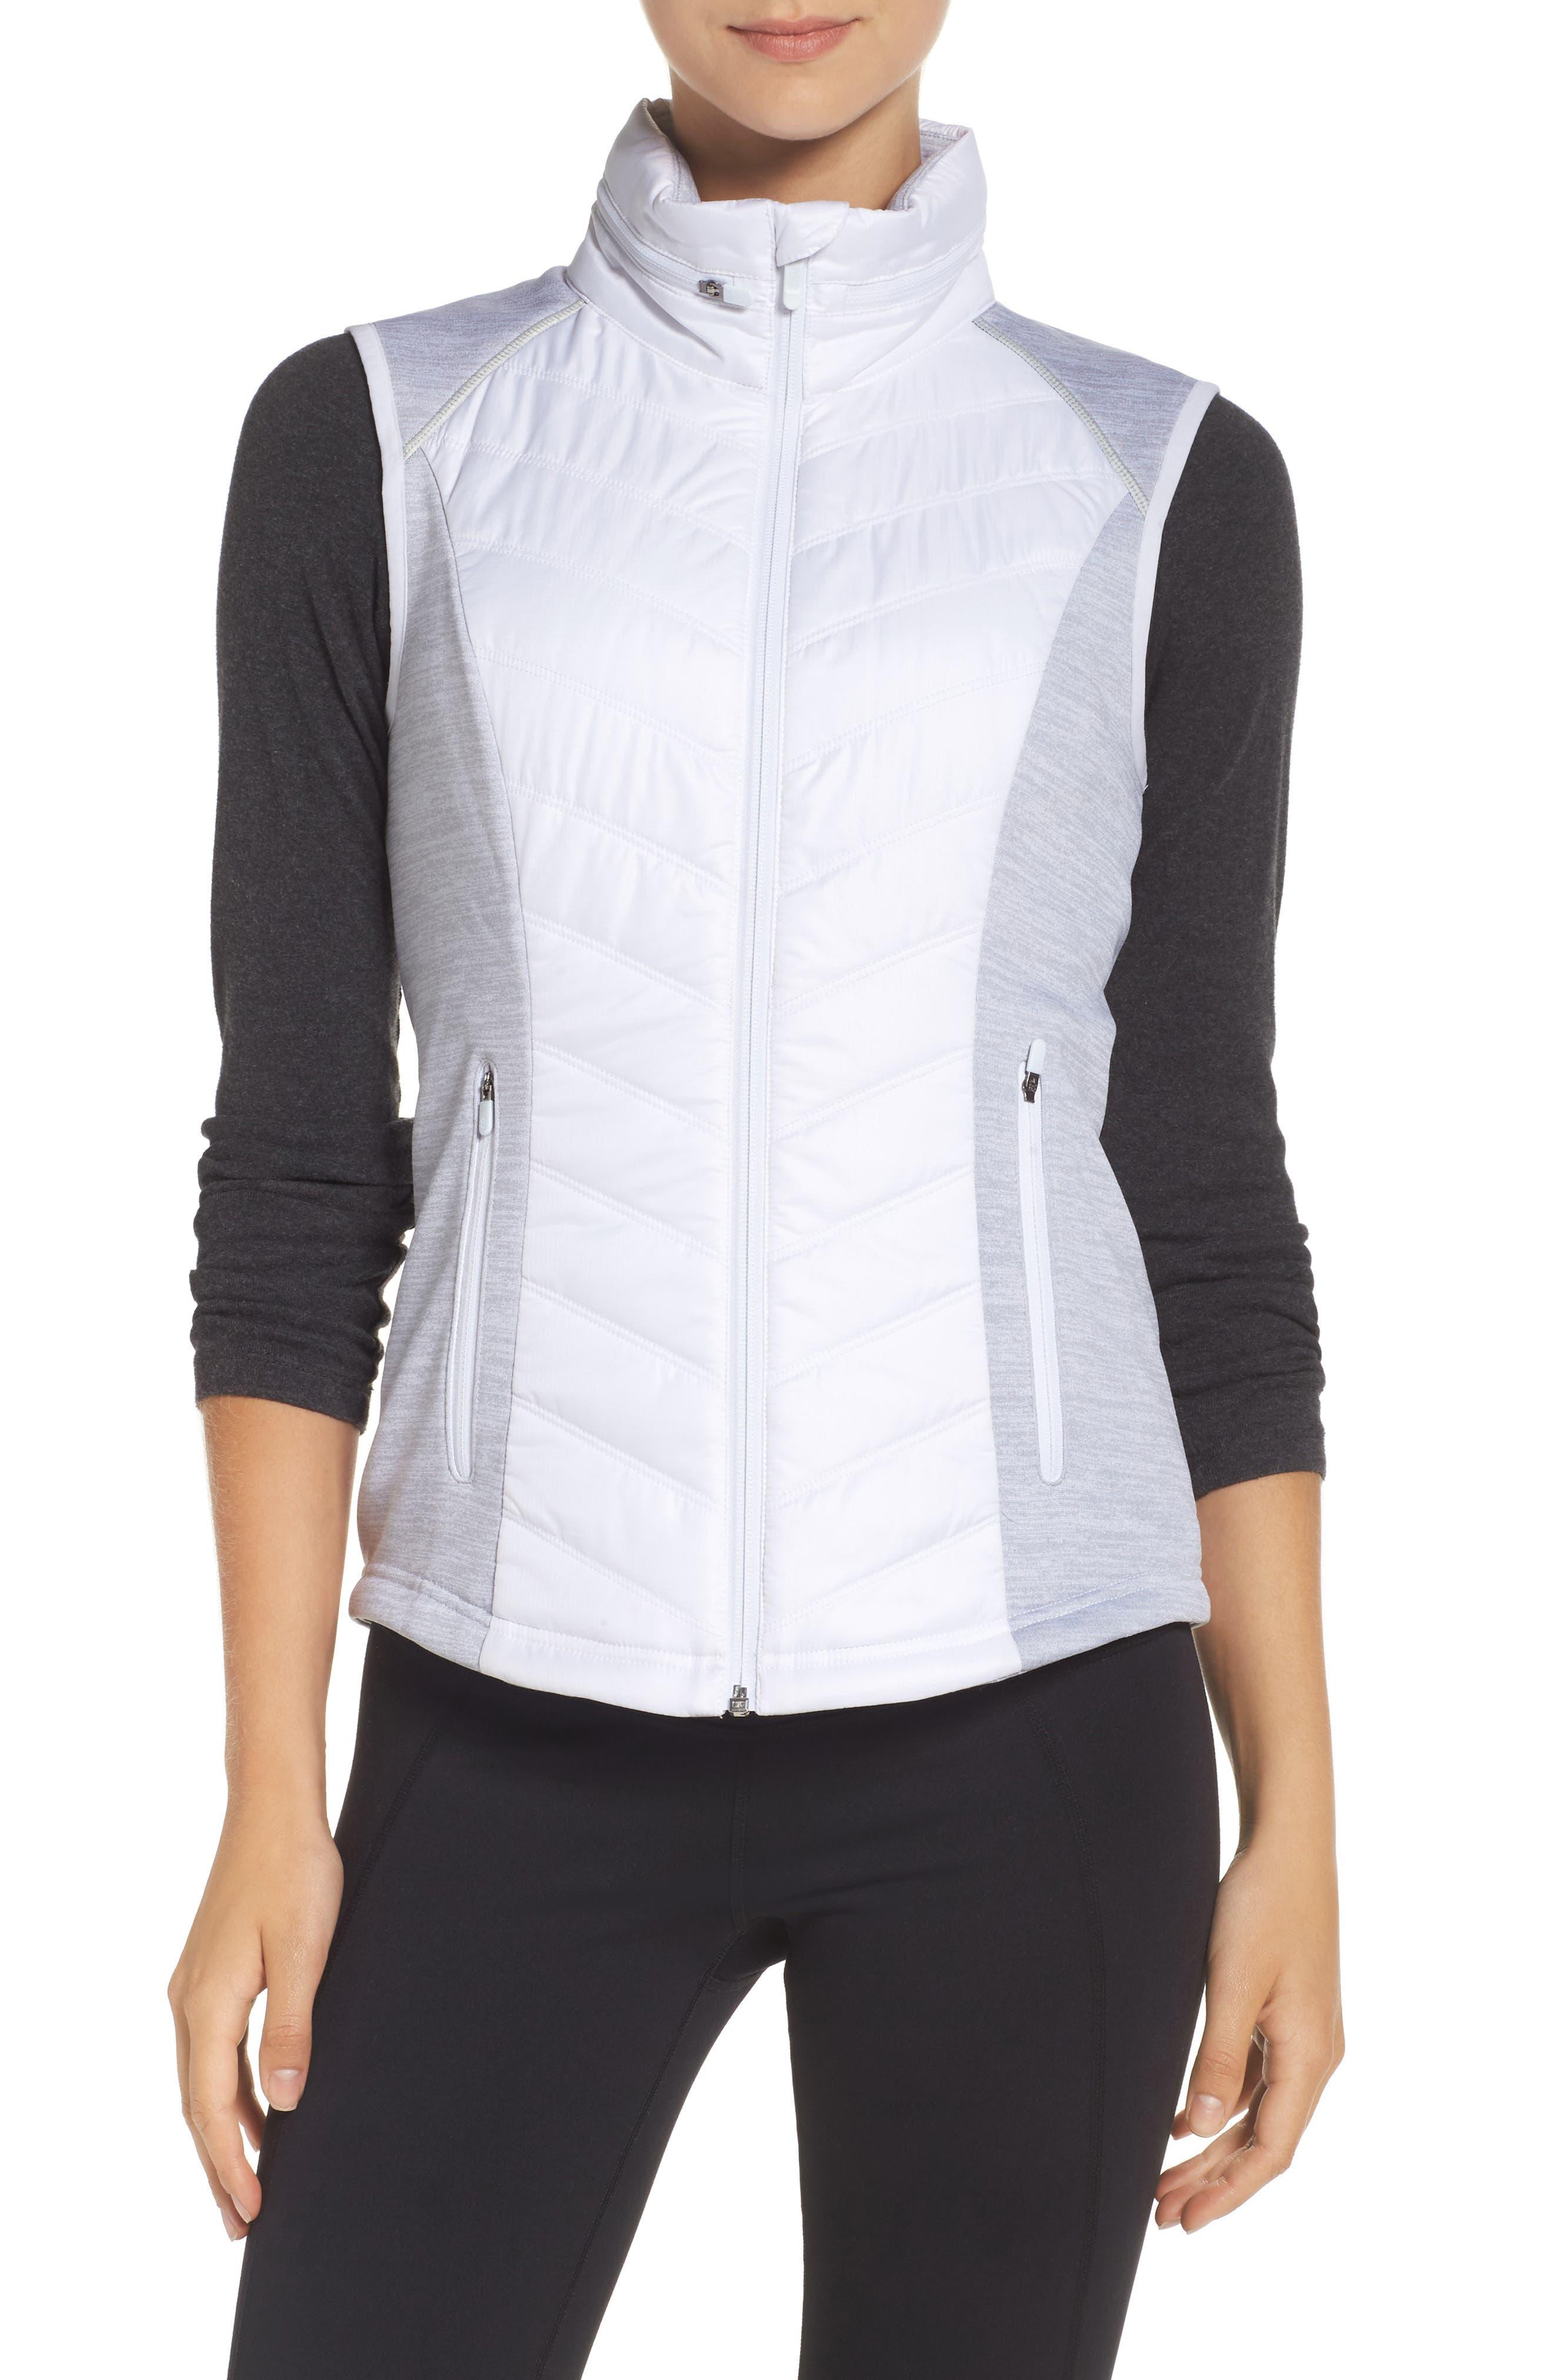 Zella Zelfusion Water Repellent Vest